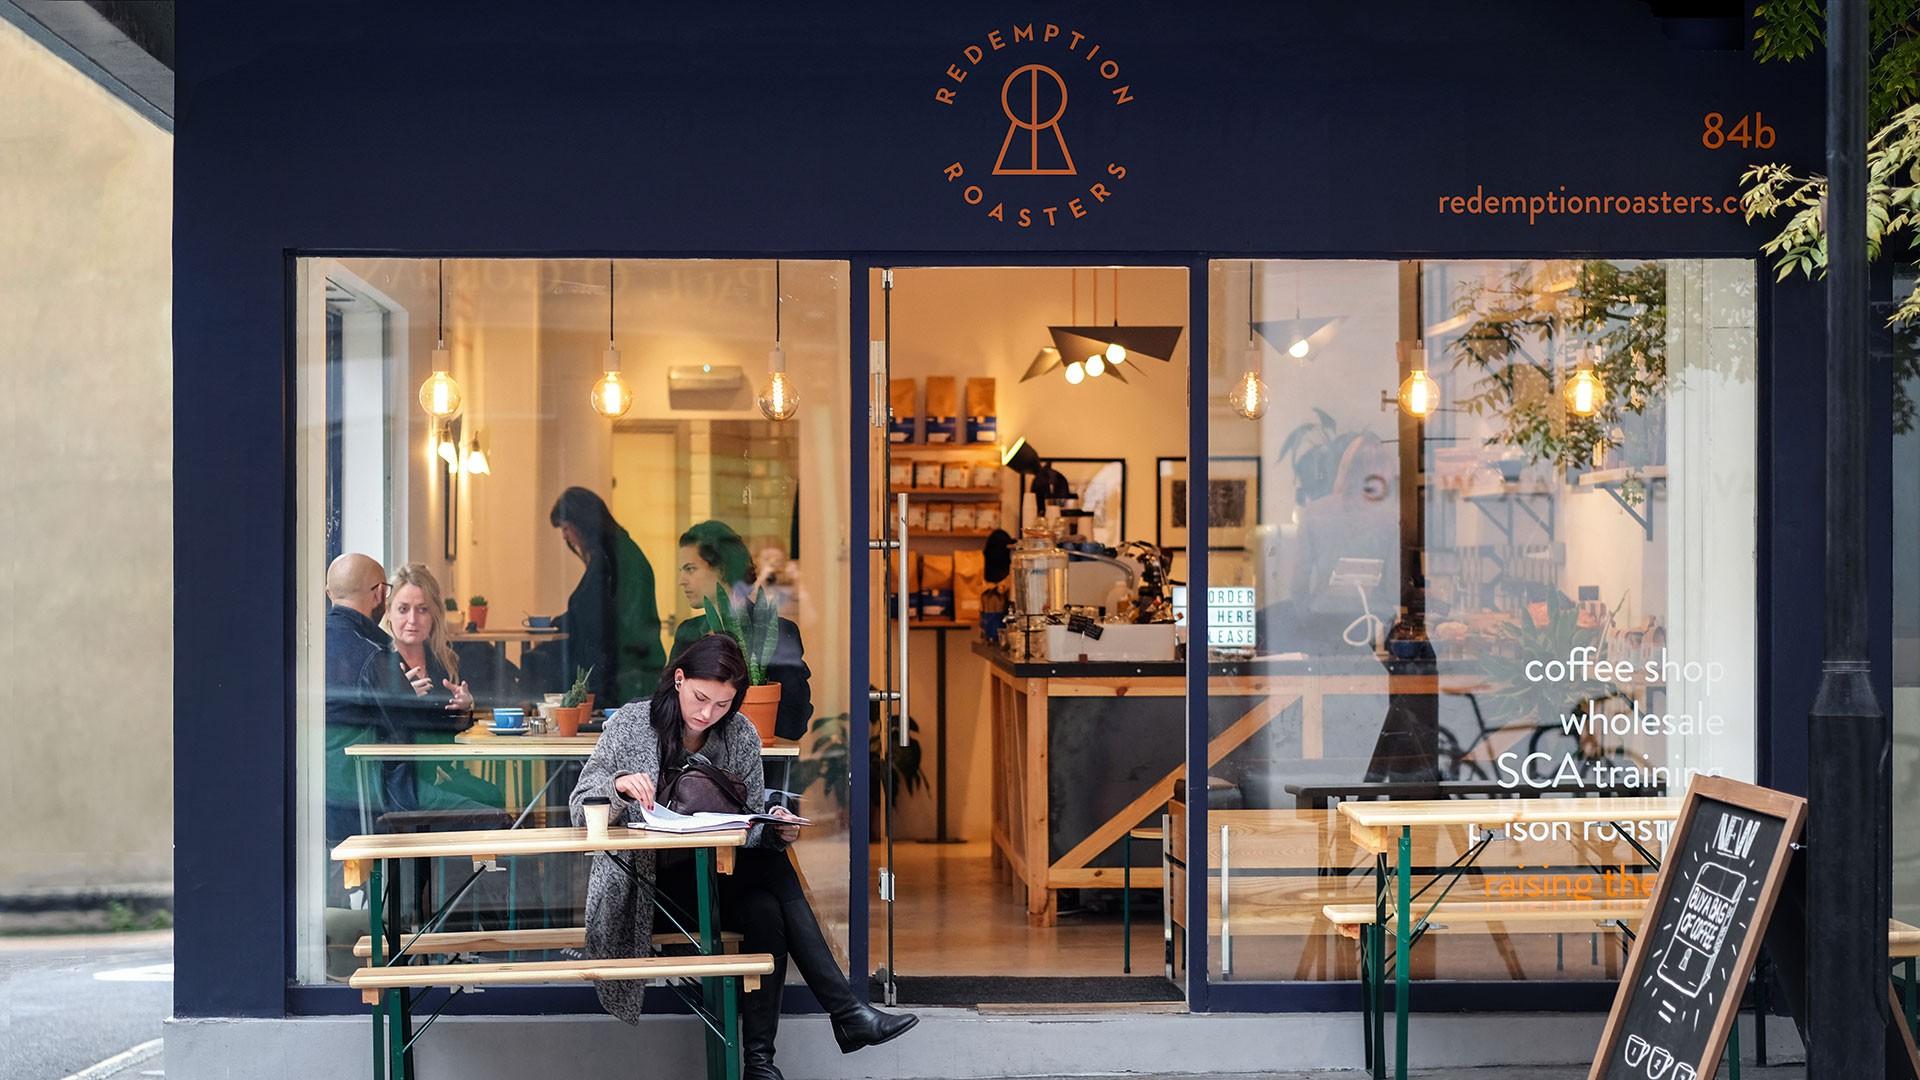 Redemption Roasters Café